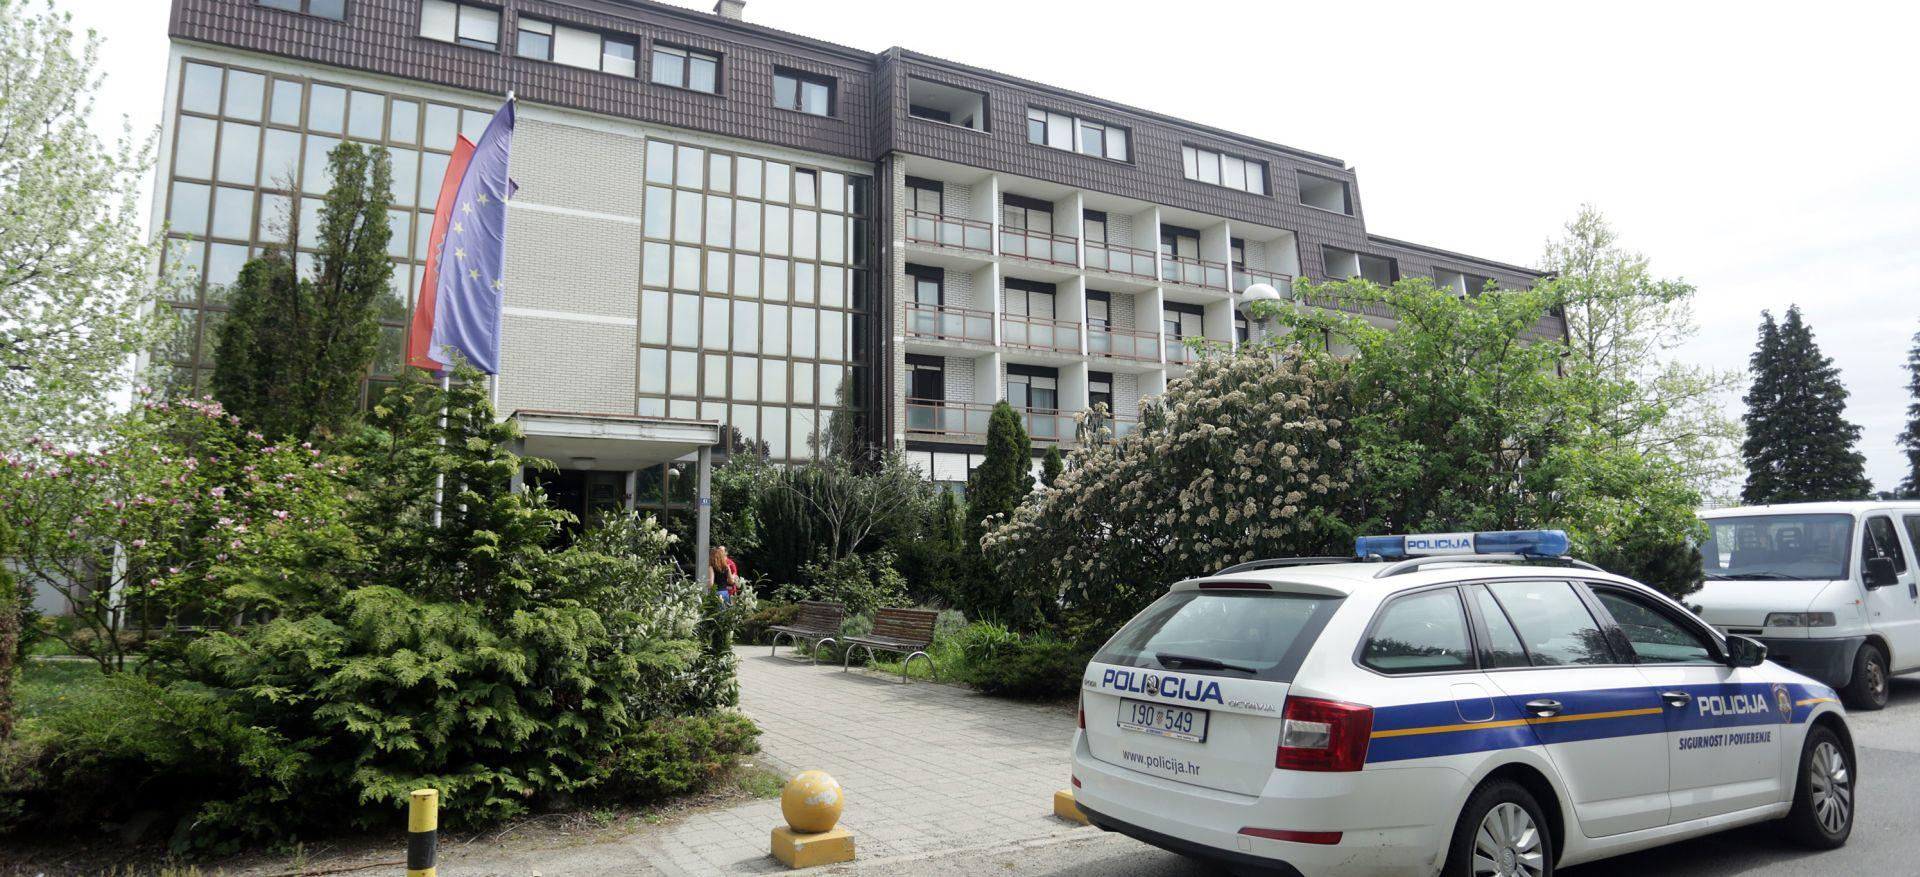 Što Hrvatska može dati tražiteljima azila?